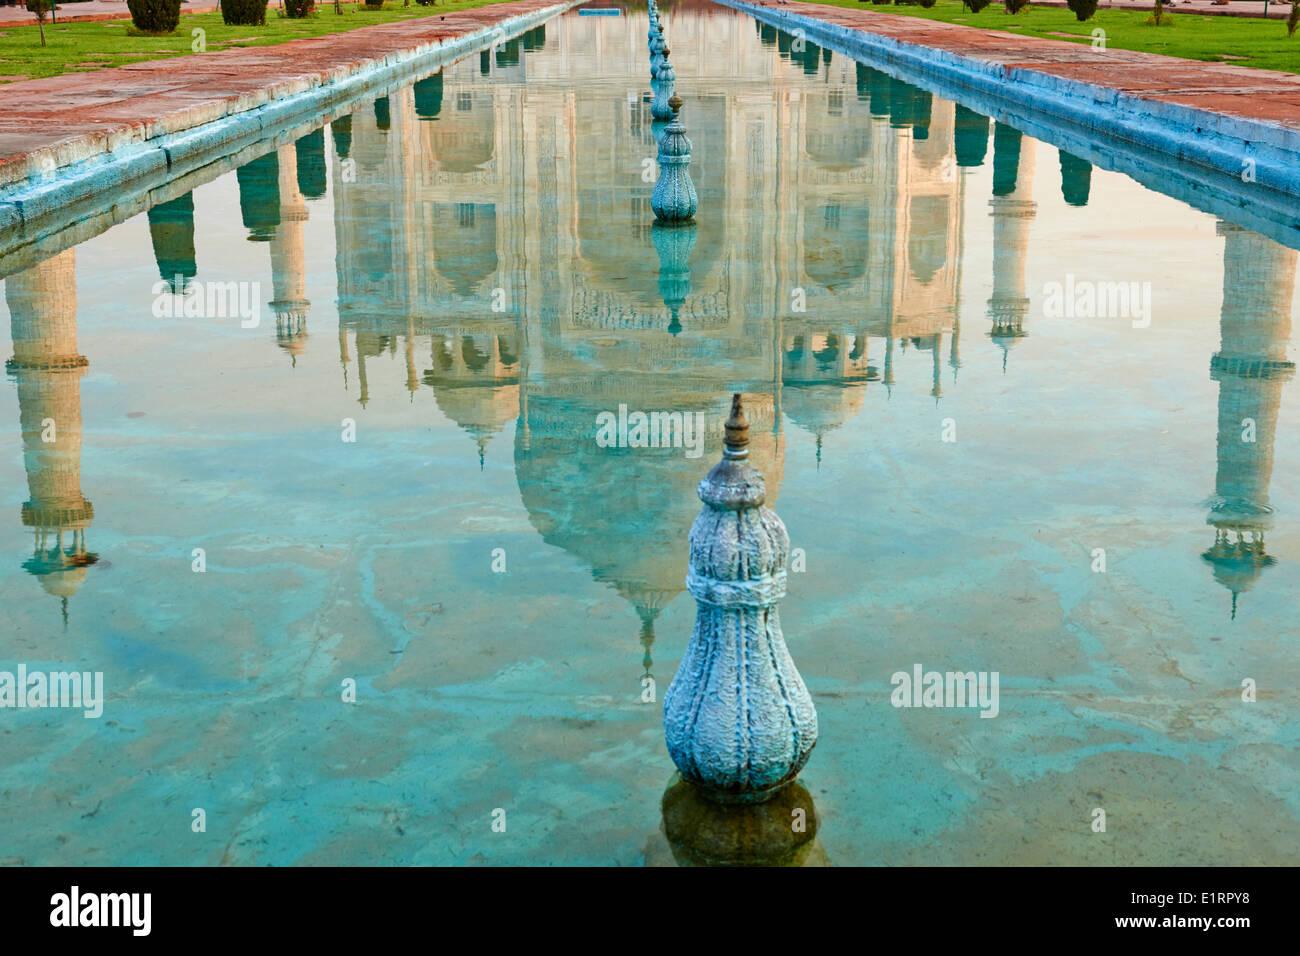 La India, el estado de Uttar Pradesh, Agra, Taj Mahal, patrimonio mundial de la Unesco Imagen De Stock